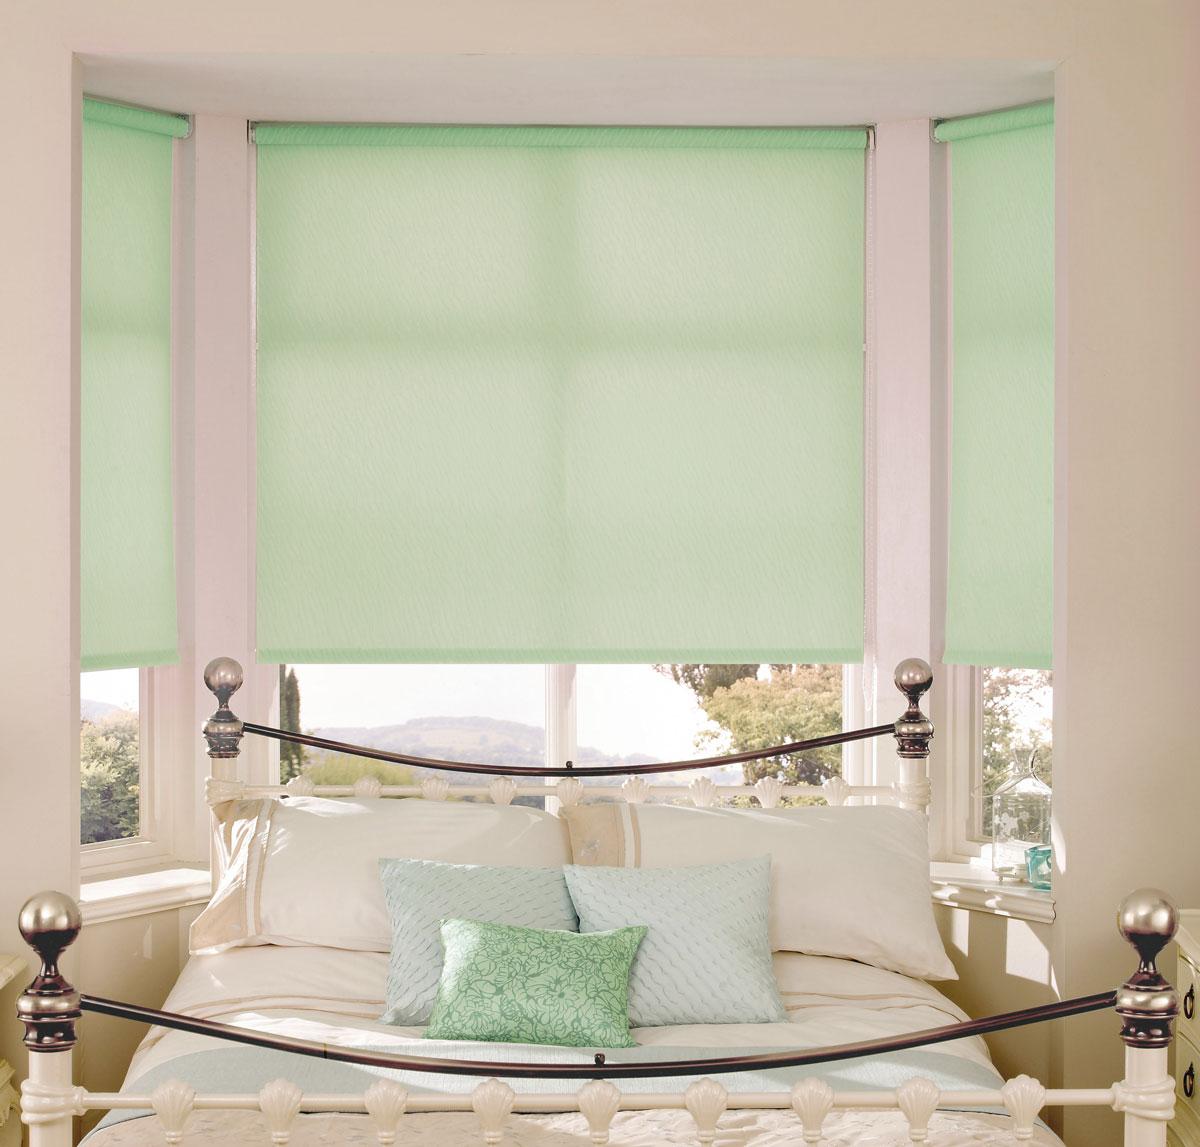 Штора рулонная KauffOrt Миниролло, цвет: светло-зеленый, ширина 73 см, высота 170 смPM 6705Рулонная штора Миниролло выполнена из высокопрочной ткани, которая сохраняет свой размер даже при намокании. Ткань не выцветает и обладает отличной цветоустойчивостью.Миниролло - это подвид рулонных штор, который закрывает не весь оконный проем, а непосредственно само стекло. Такие шторы крепятся на раму без сверления при помощи зажимов или клейкой двухсторонней ленты (в комплекте). Окно остается на гарантии, благодаря монтажу без сверления. Такая штора станет прекрасным элементом декора окна и гармонично впишется в интерьер любого помещения.